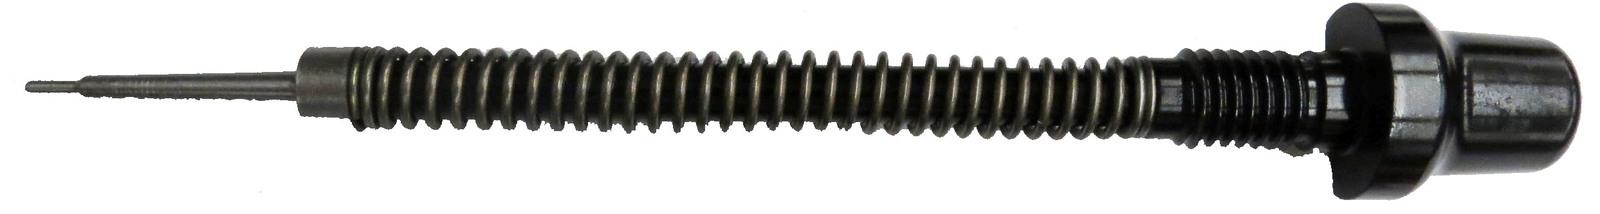 Gunworks Ltd Remington Aluminium Firing Pin Assembly